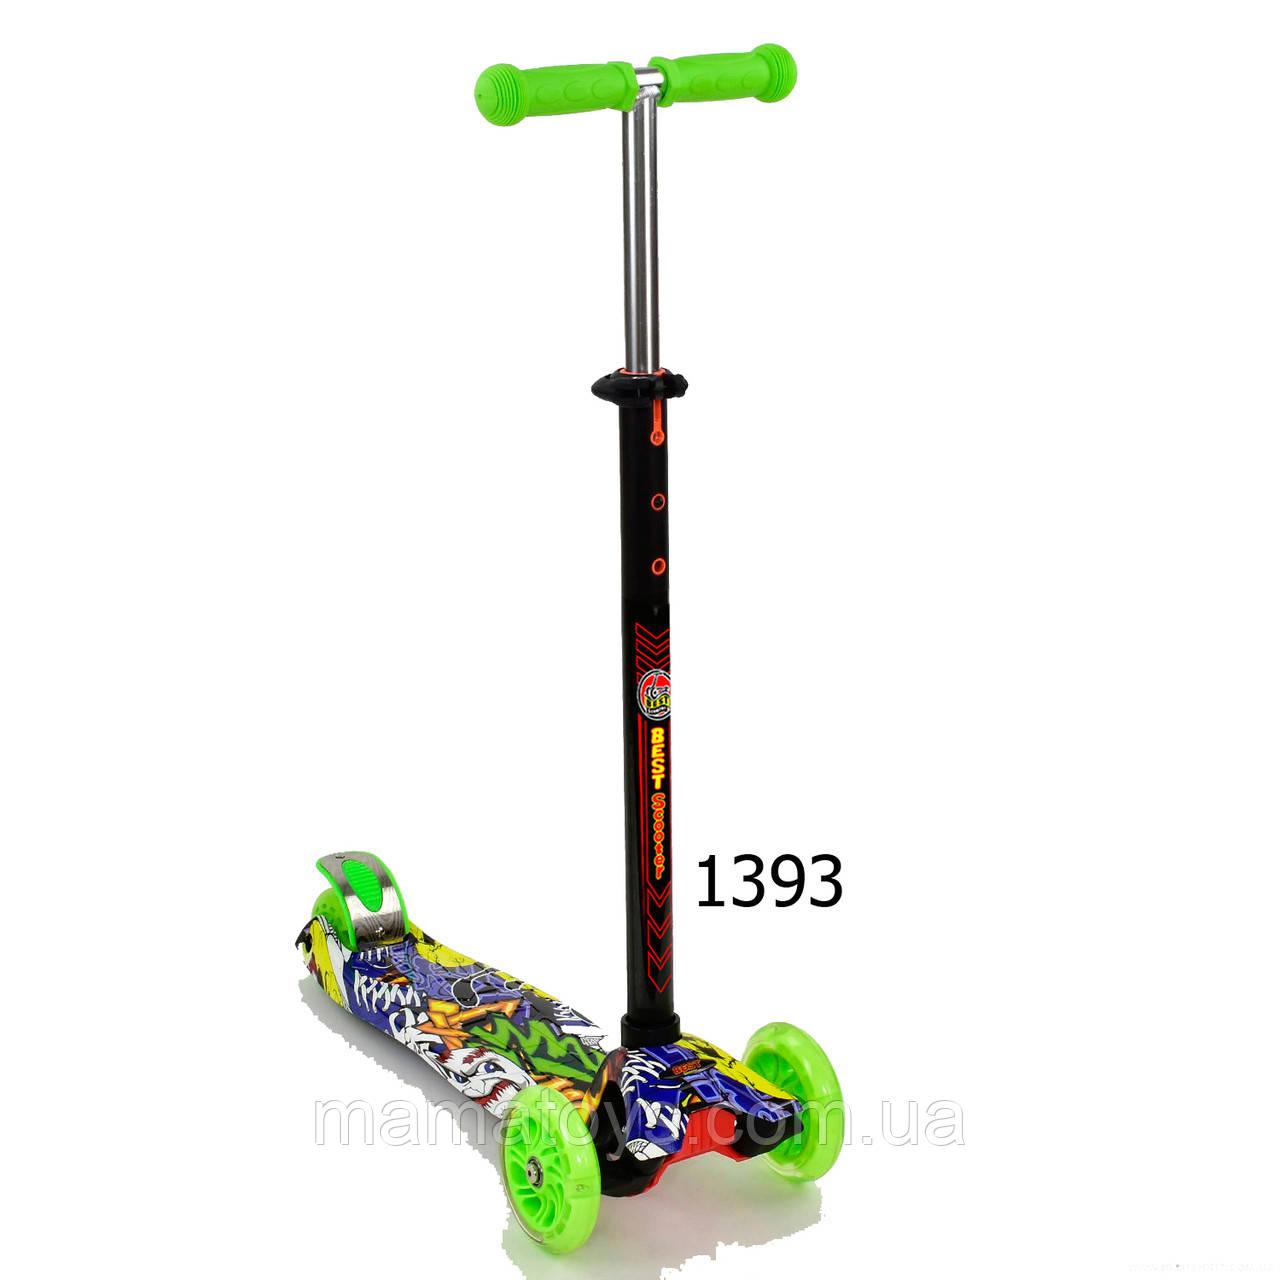 Детский Самокат Best Scooter 1393 Салатовый Макси Принт Колеса PU, светятся